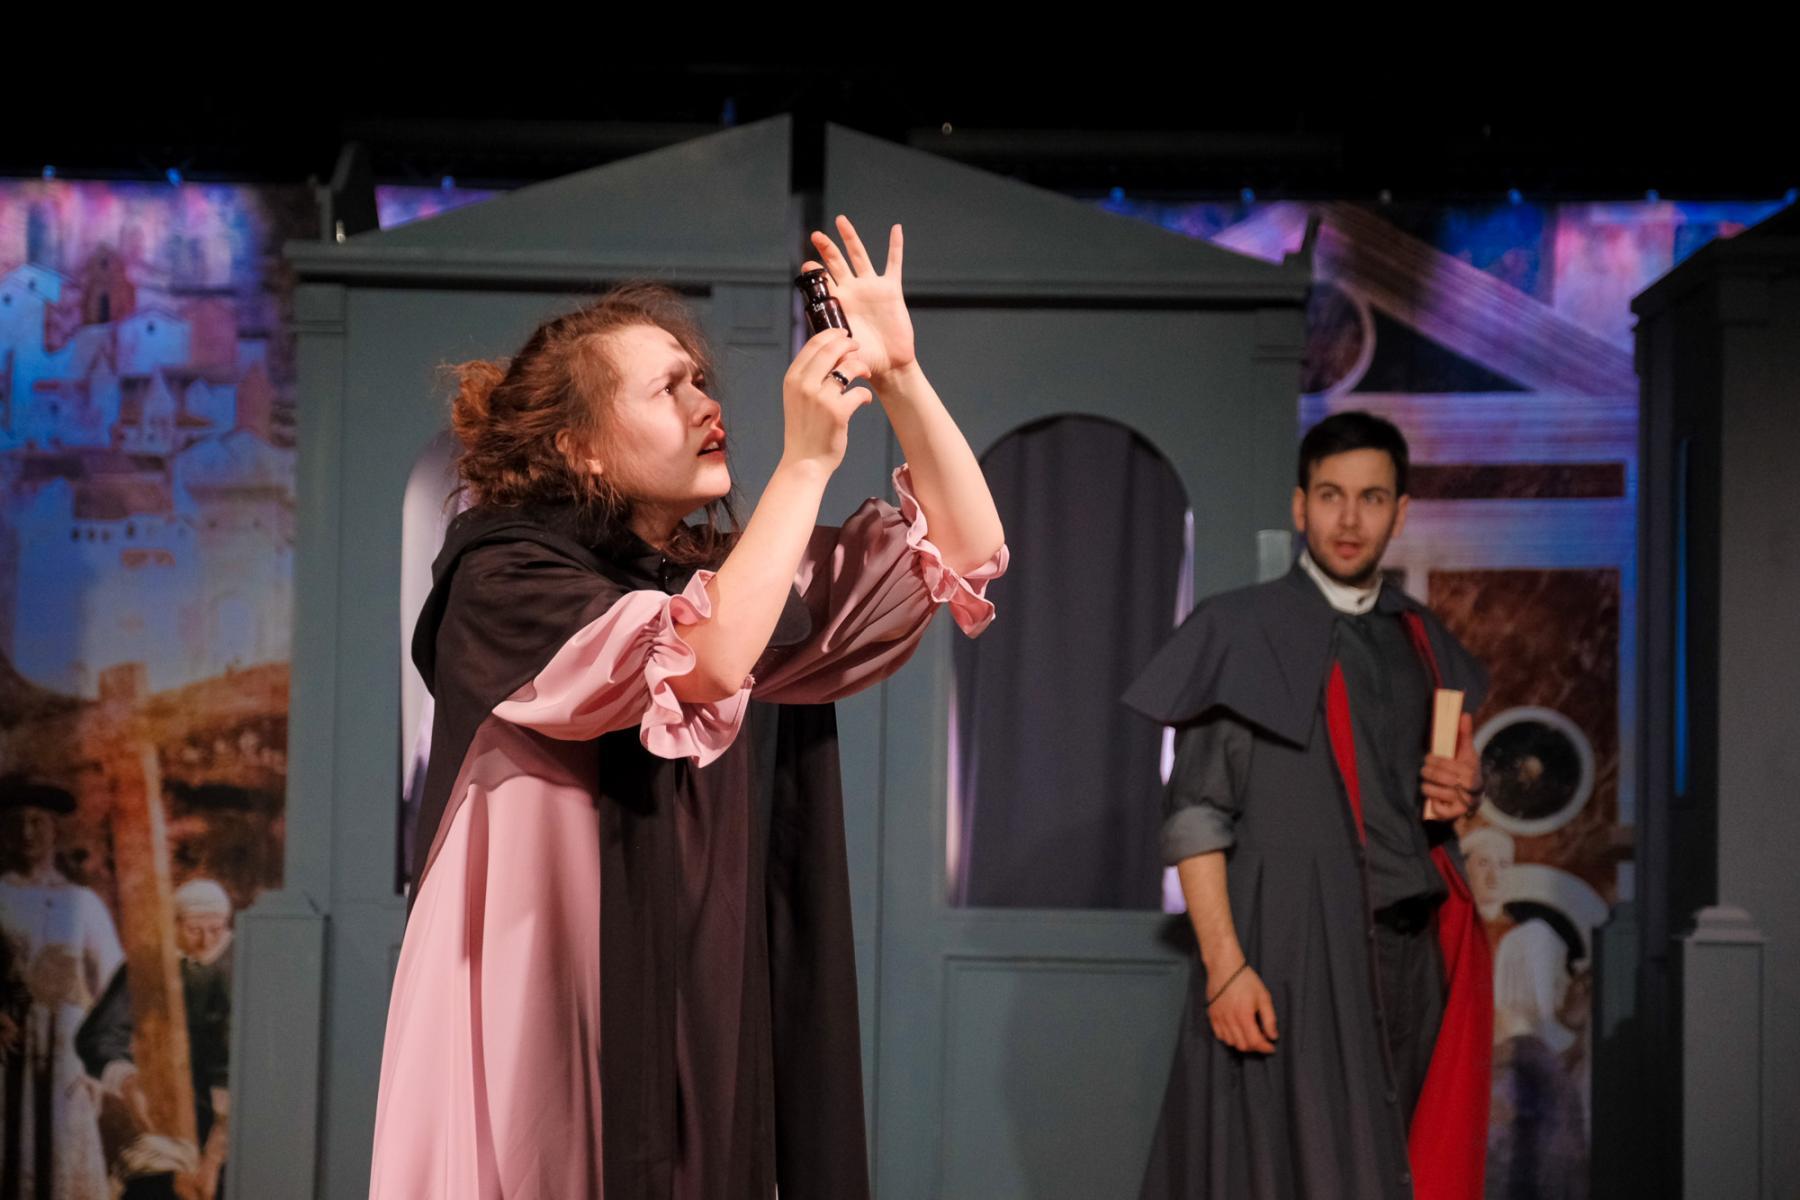 фото «Спектакль про детей, которые наворотили дел, и всё кончилось плохо»: остросюжетный детектив о Ромео и Джульетте показали в  «Первом театре» 6